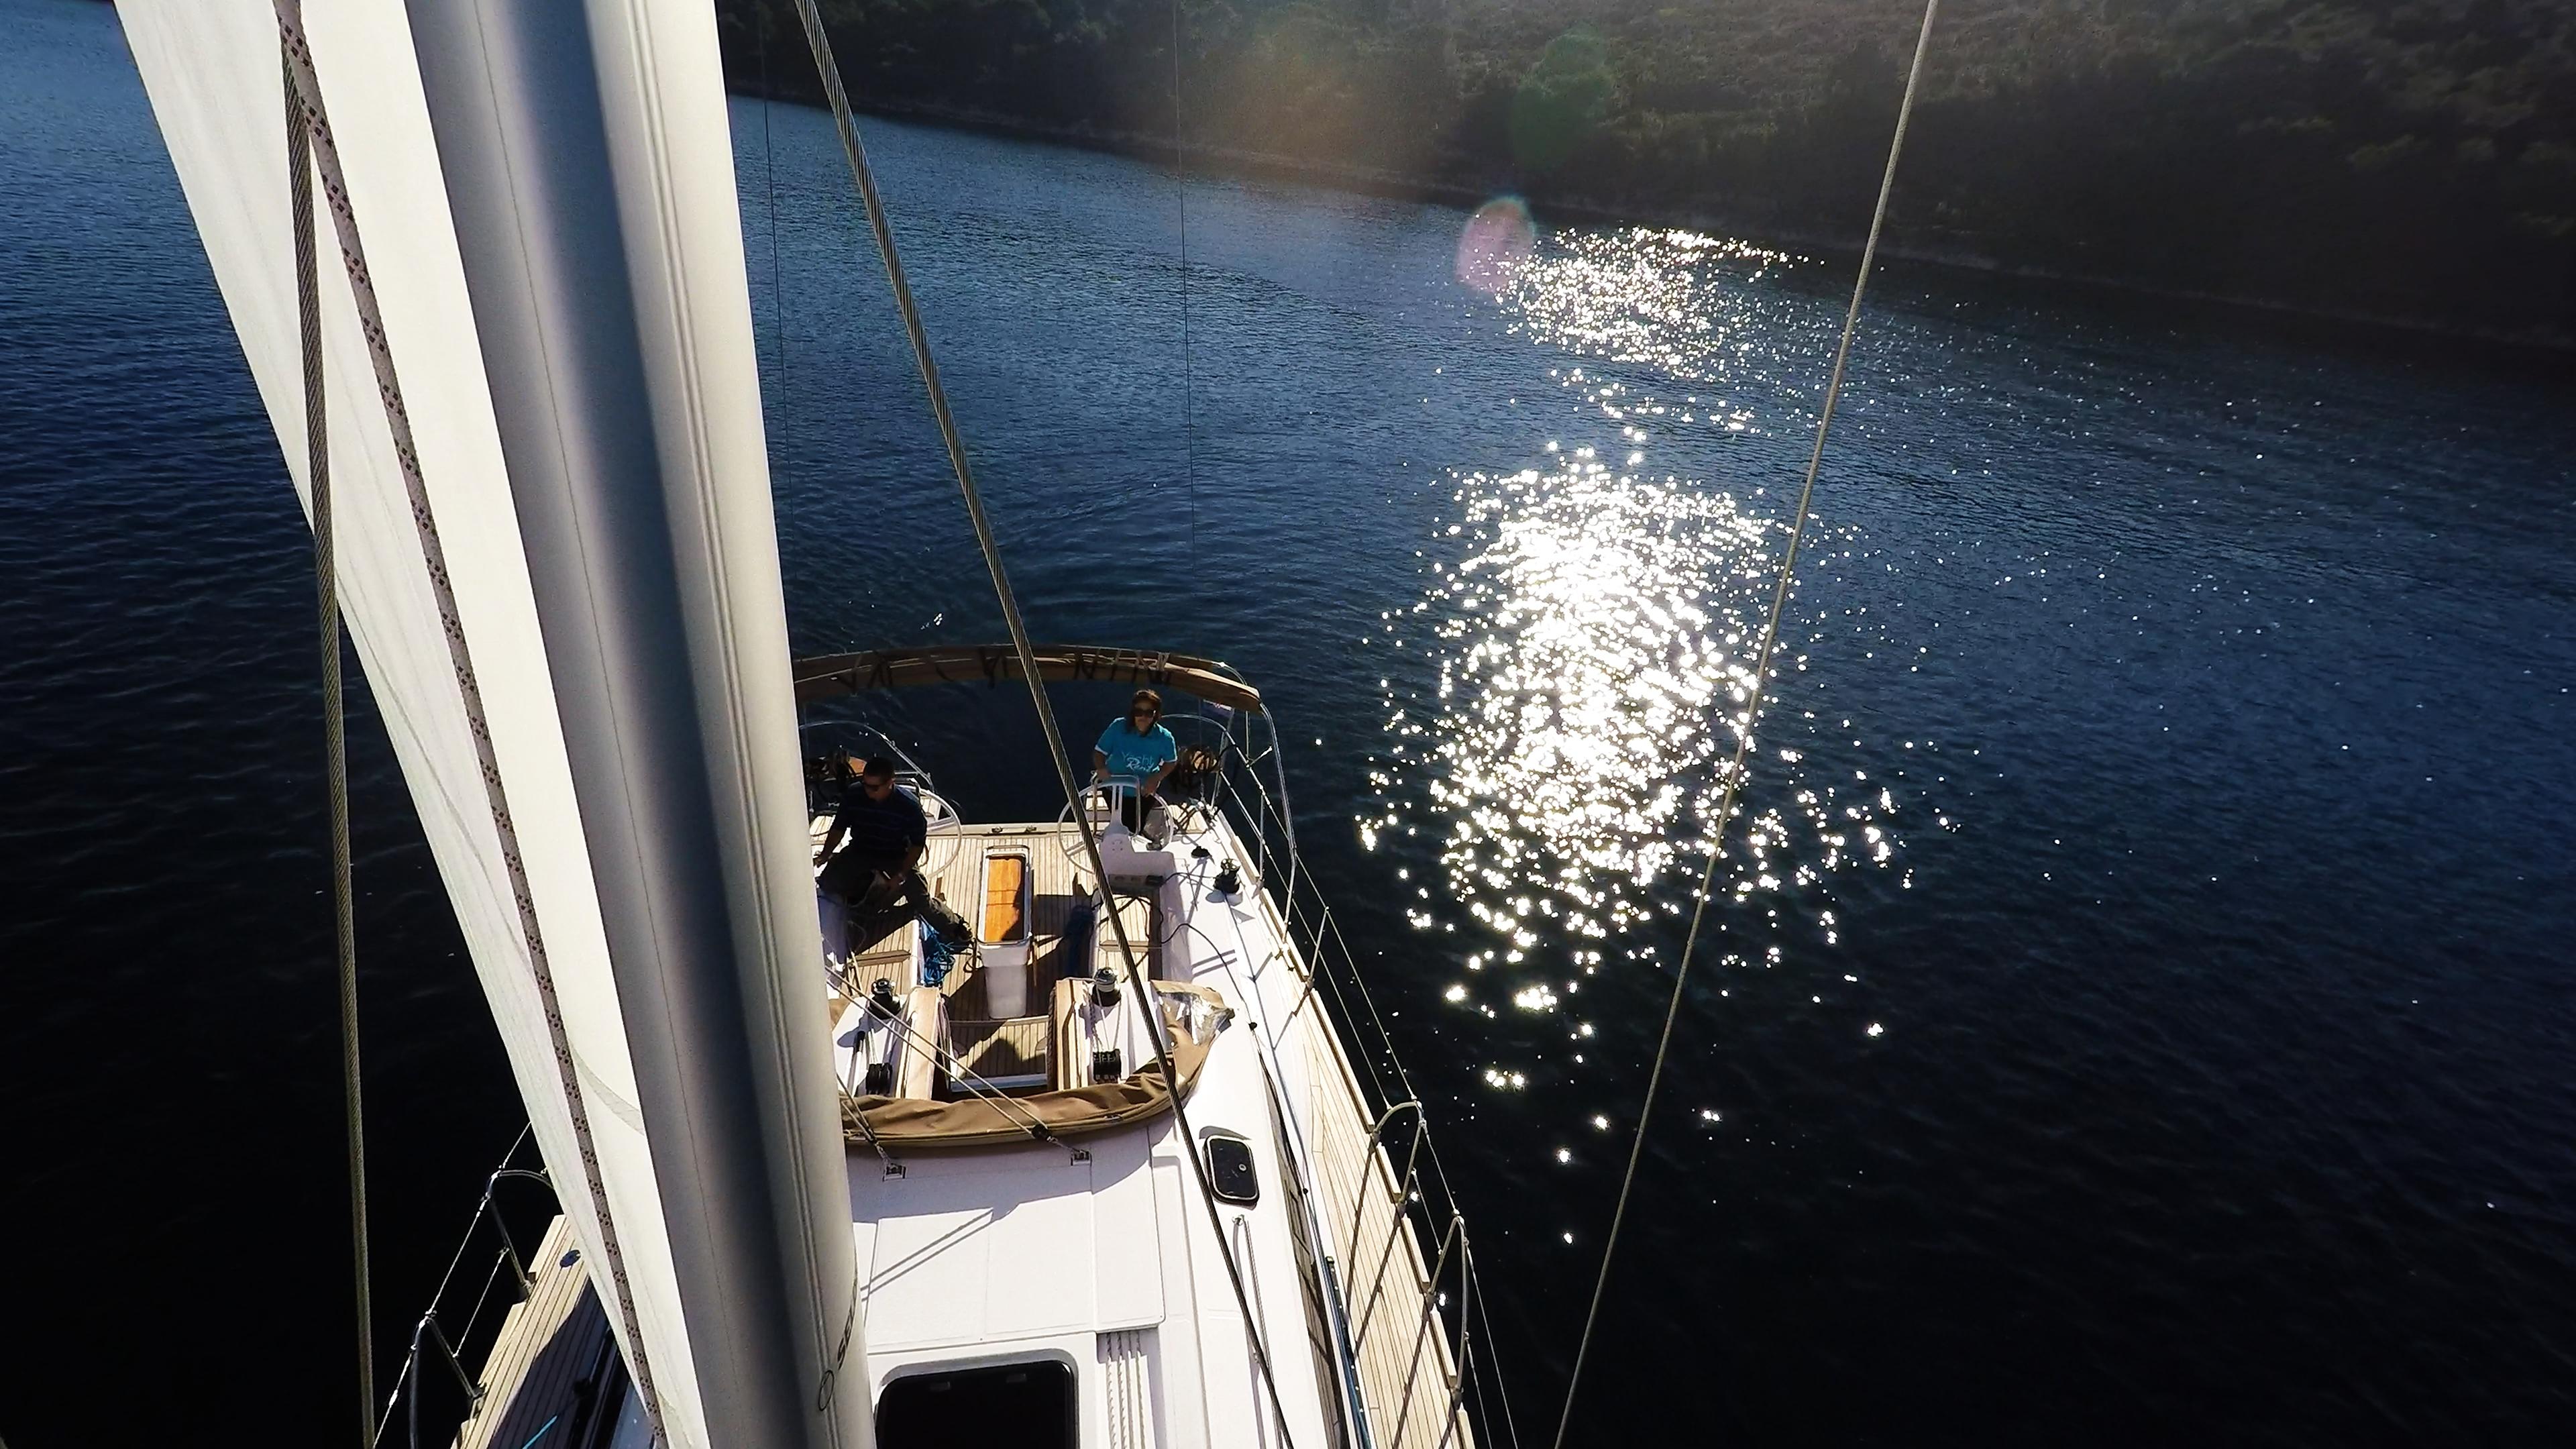 barcha a vela albero vela randa yacht a vela elan 45 impression barca a vela